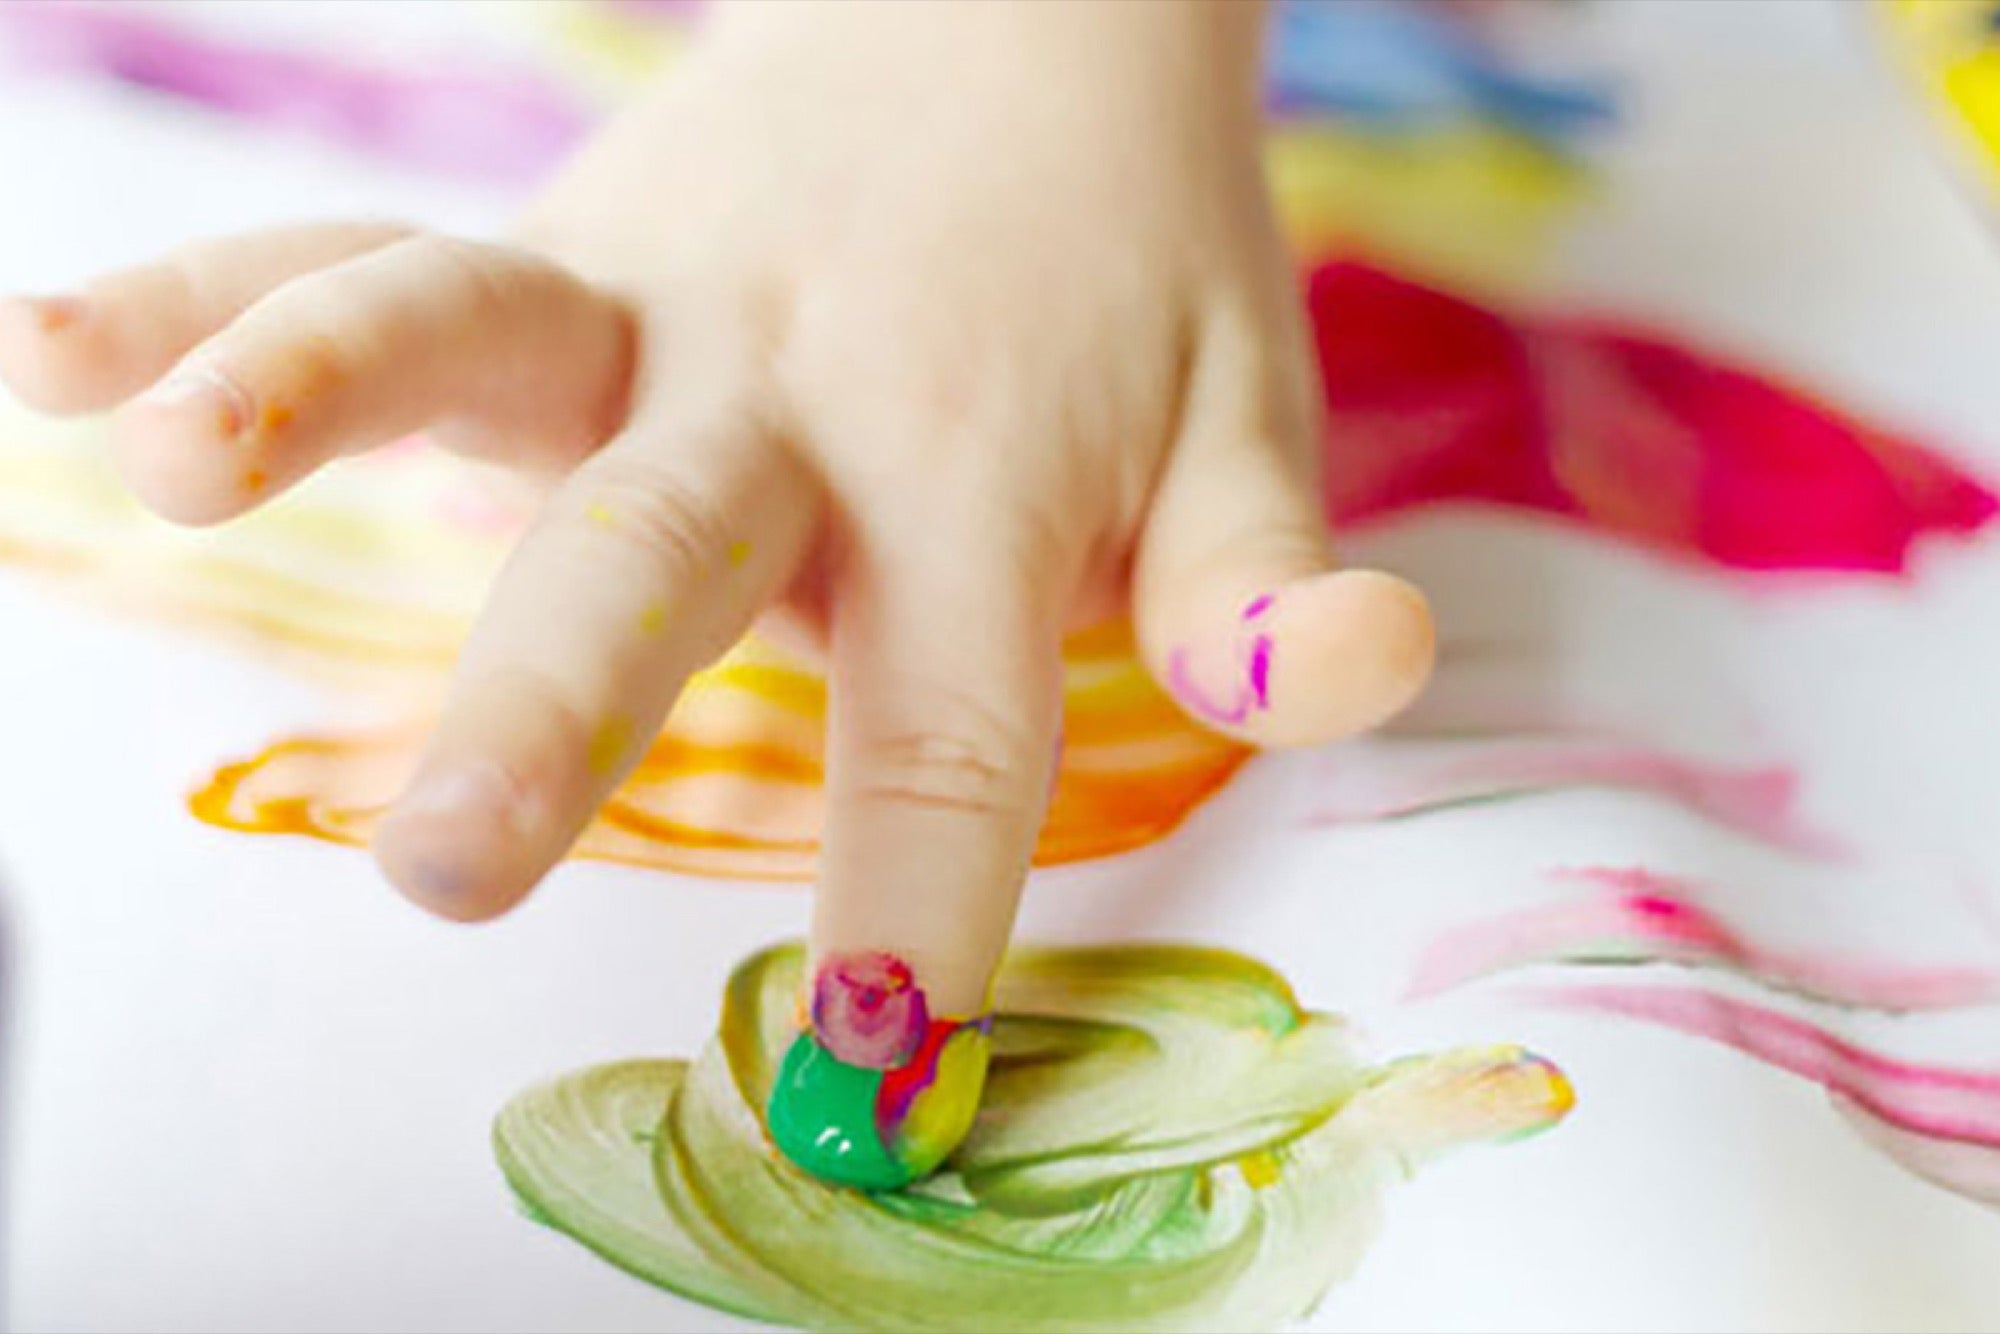 Cartón Para Colorear Para De Juguetes Cartón Colorear Juguetes De 534ARqjcL